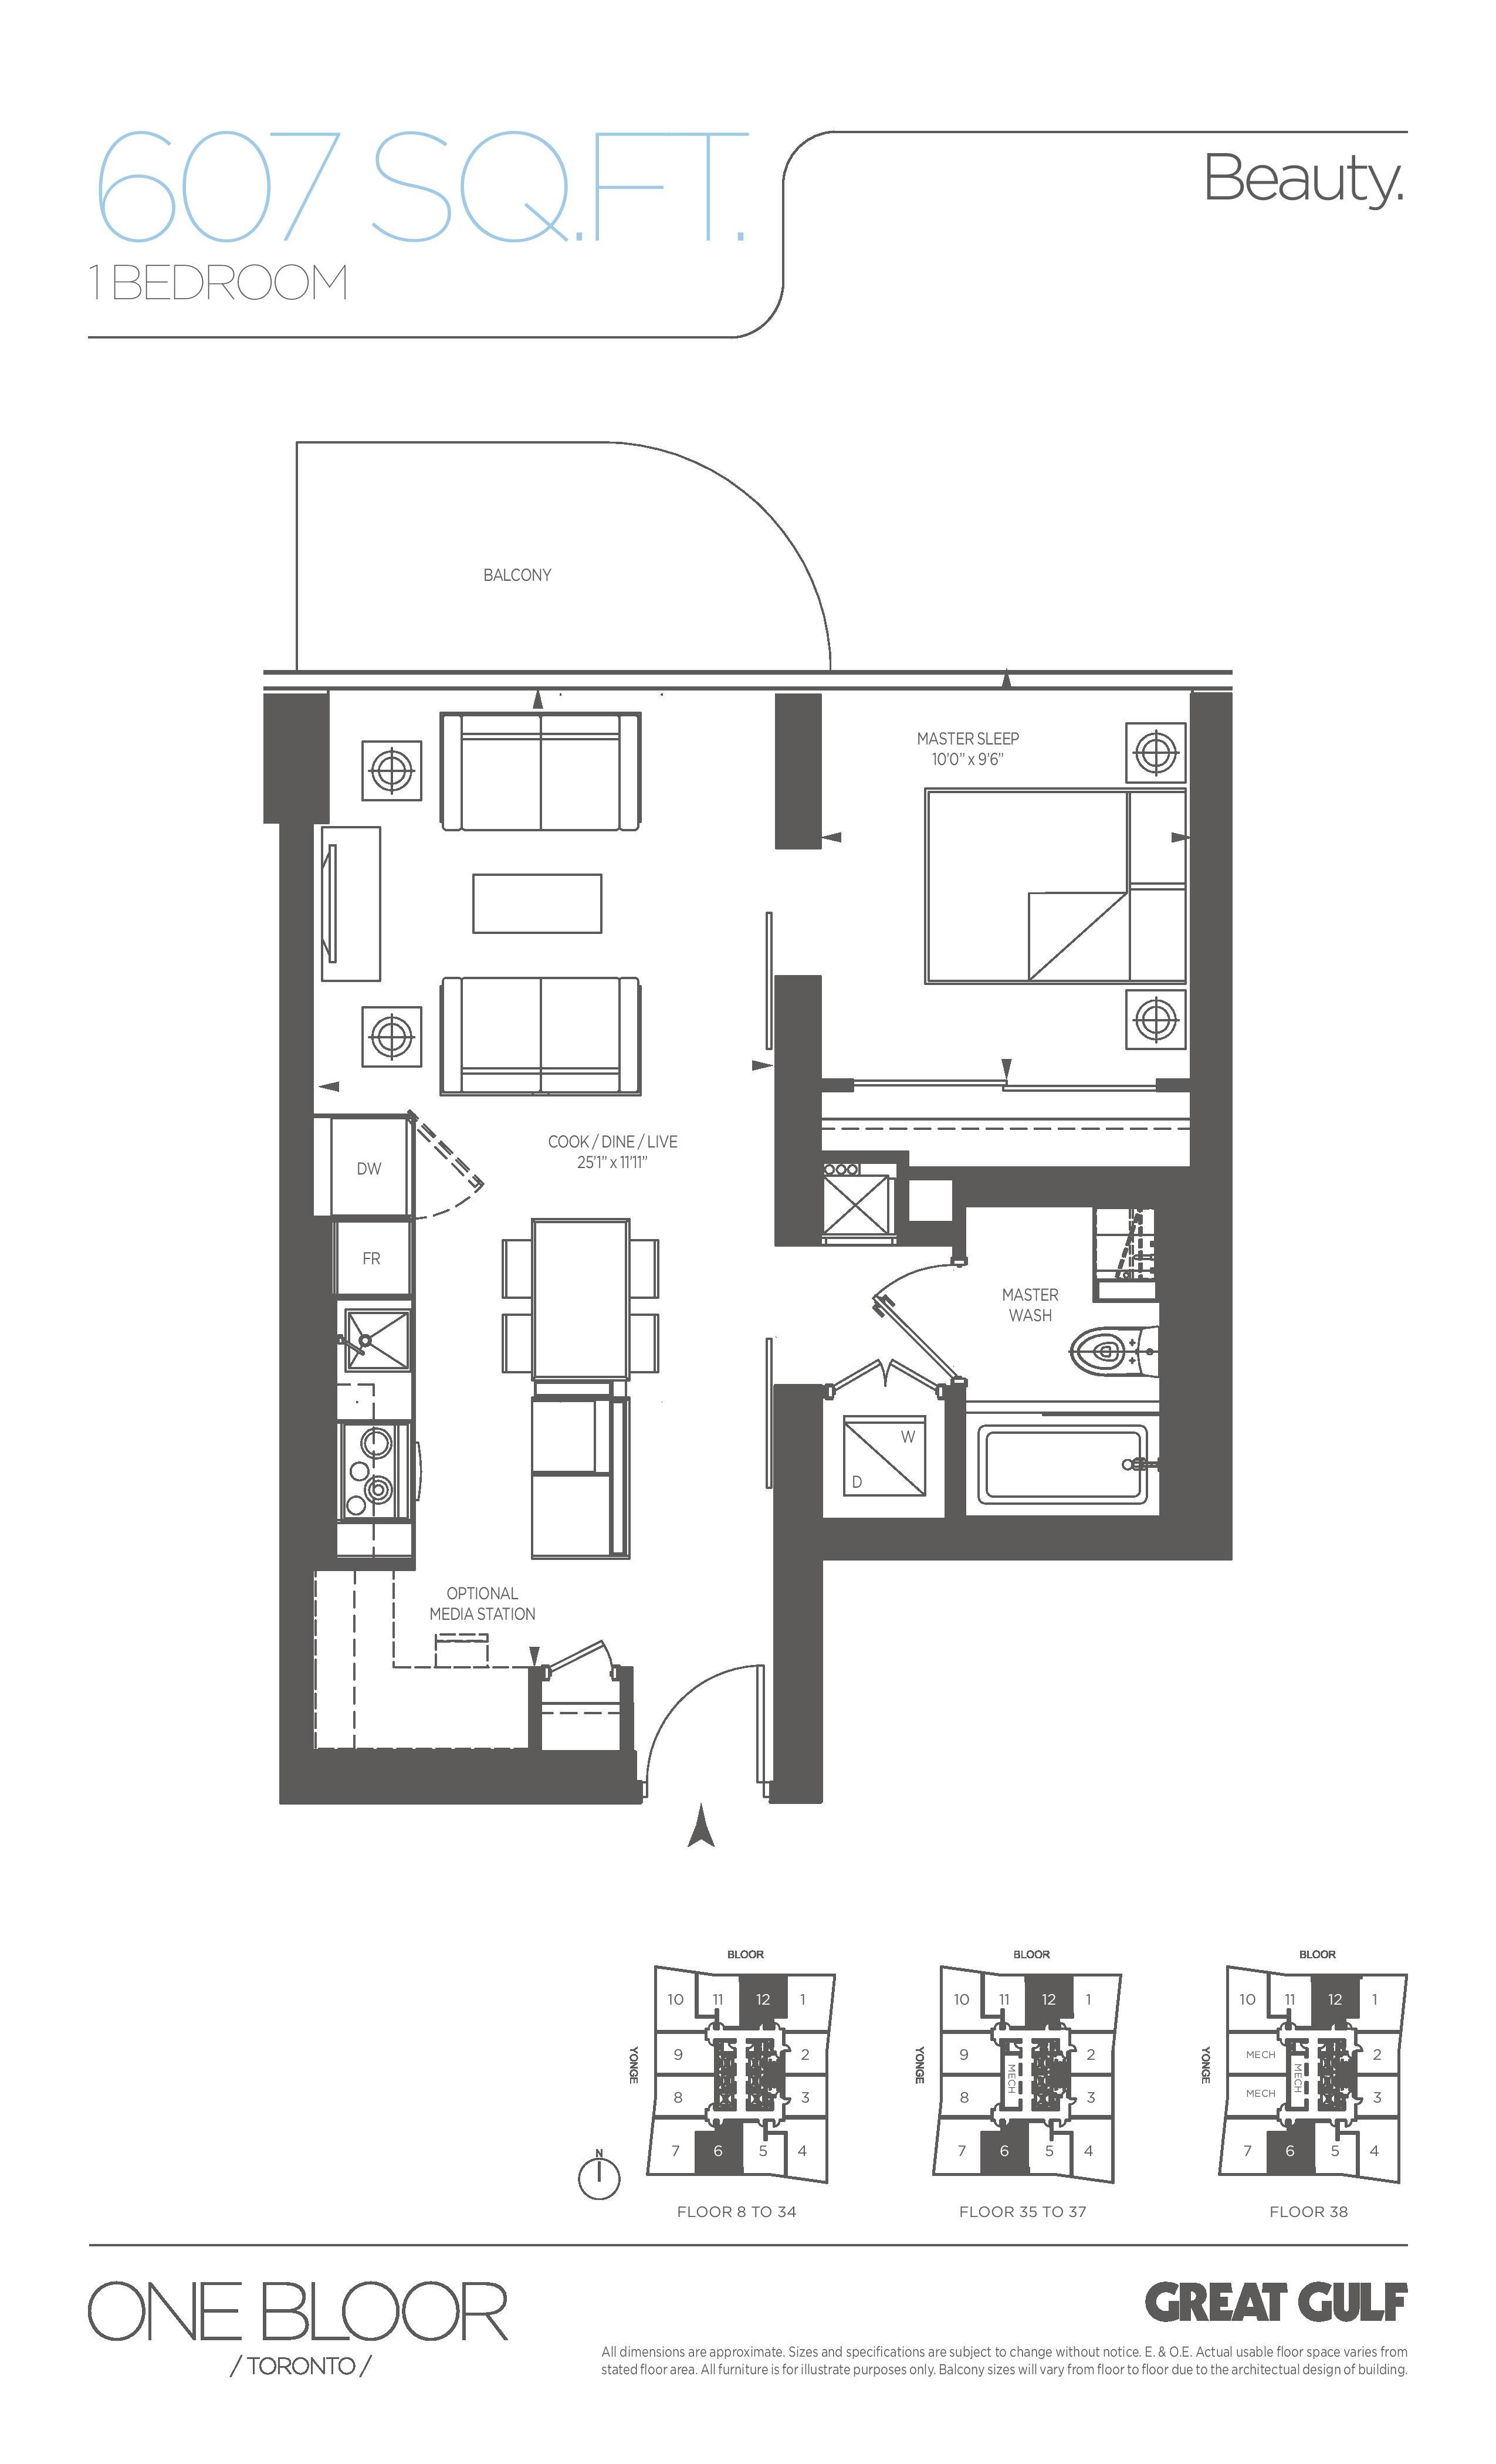 Beauty Floor Plan at One Bloor Condos - 607 sq.ft